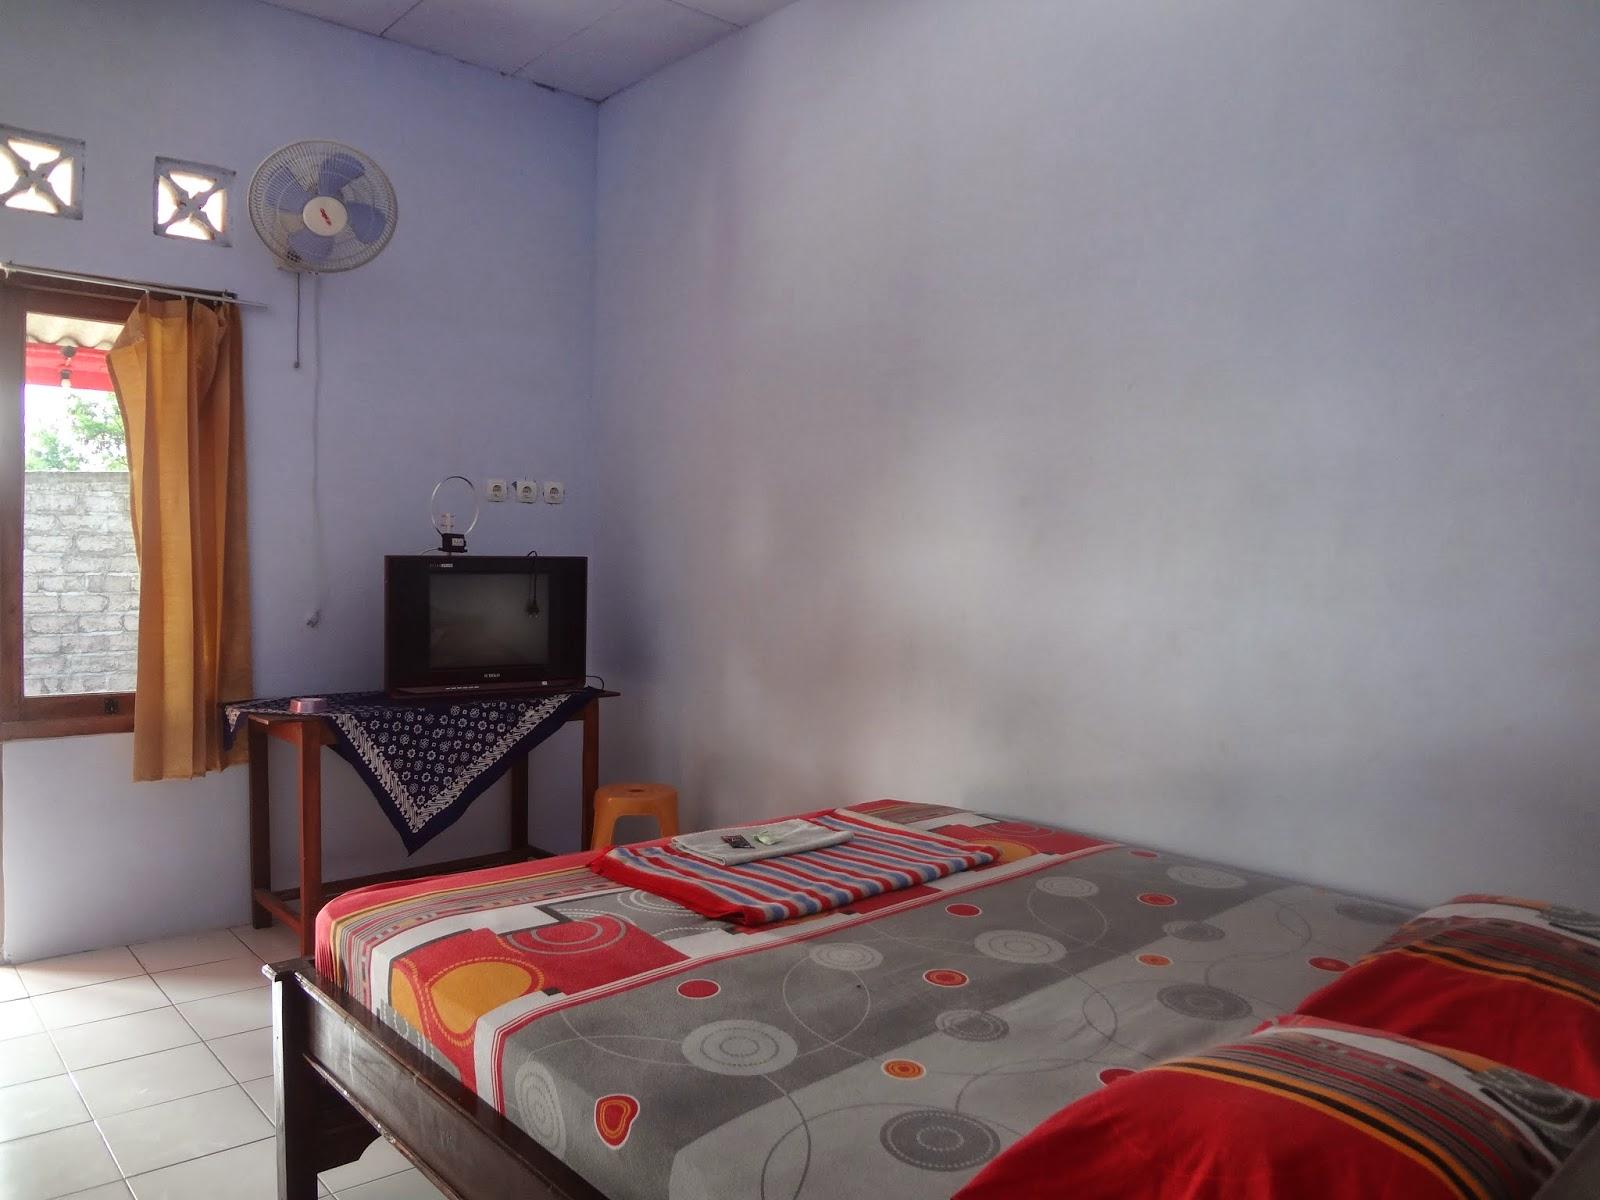 Bagus Hotel Jogja Penginapan Anggun Kaliurang Yogyakarta